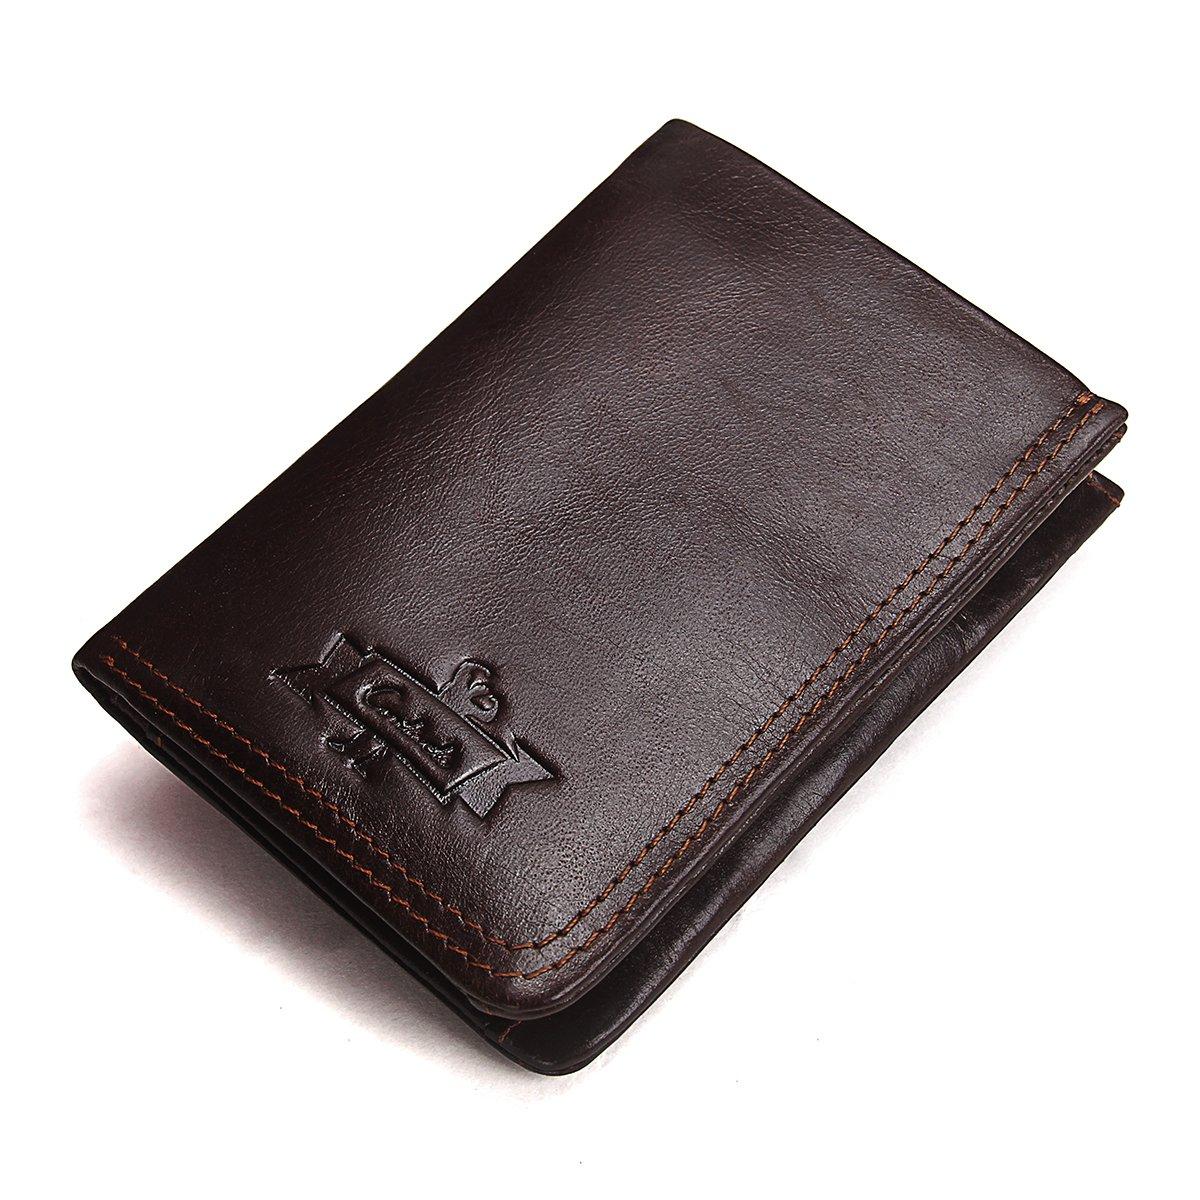 Contacts Rétro en cuir véritable vachette carte porte-monnaie porte-monnaie court portefeuille (Foncé Café)